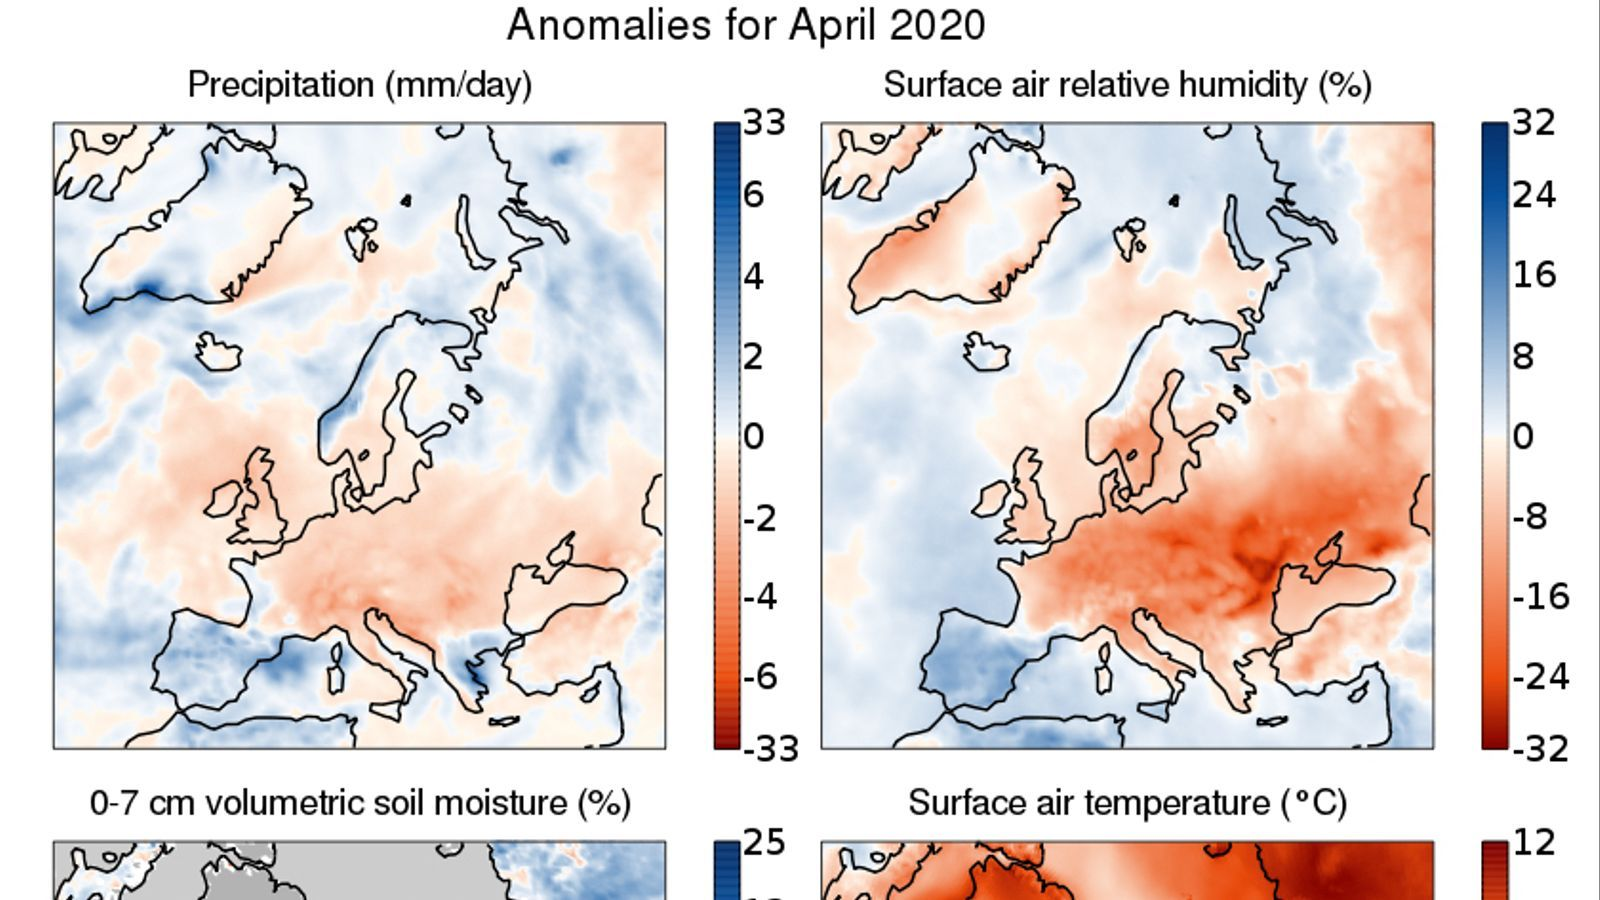 Anomalies de precipitació, humitat de l'aire, temperatura i humitat en el sòl